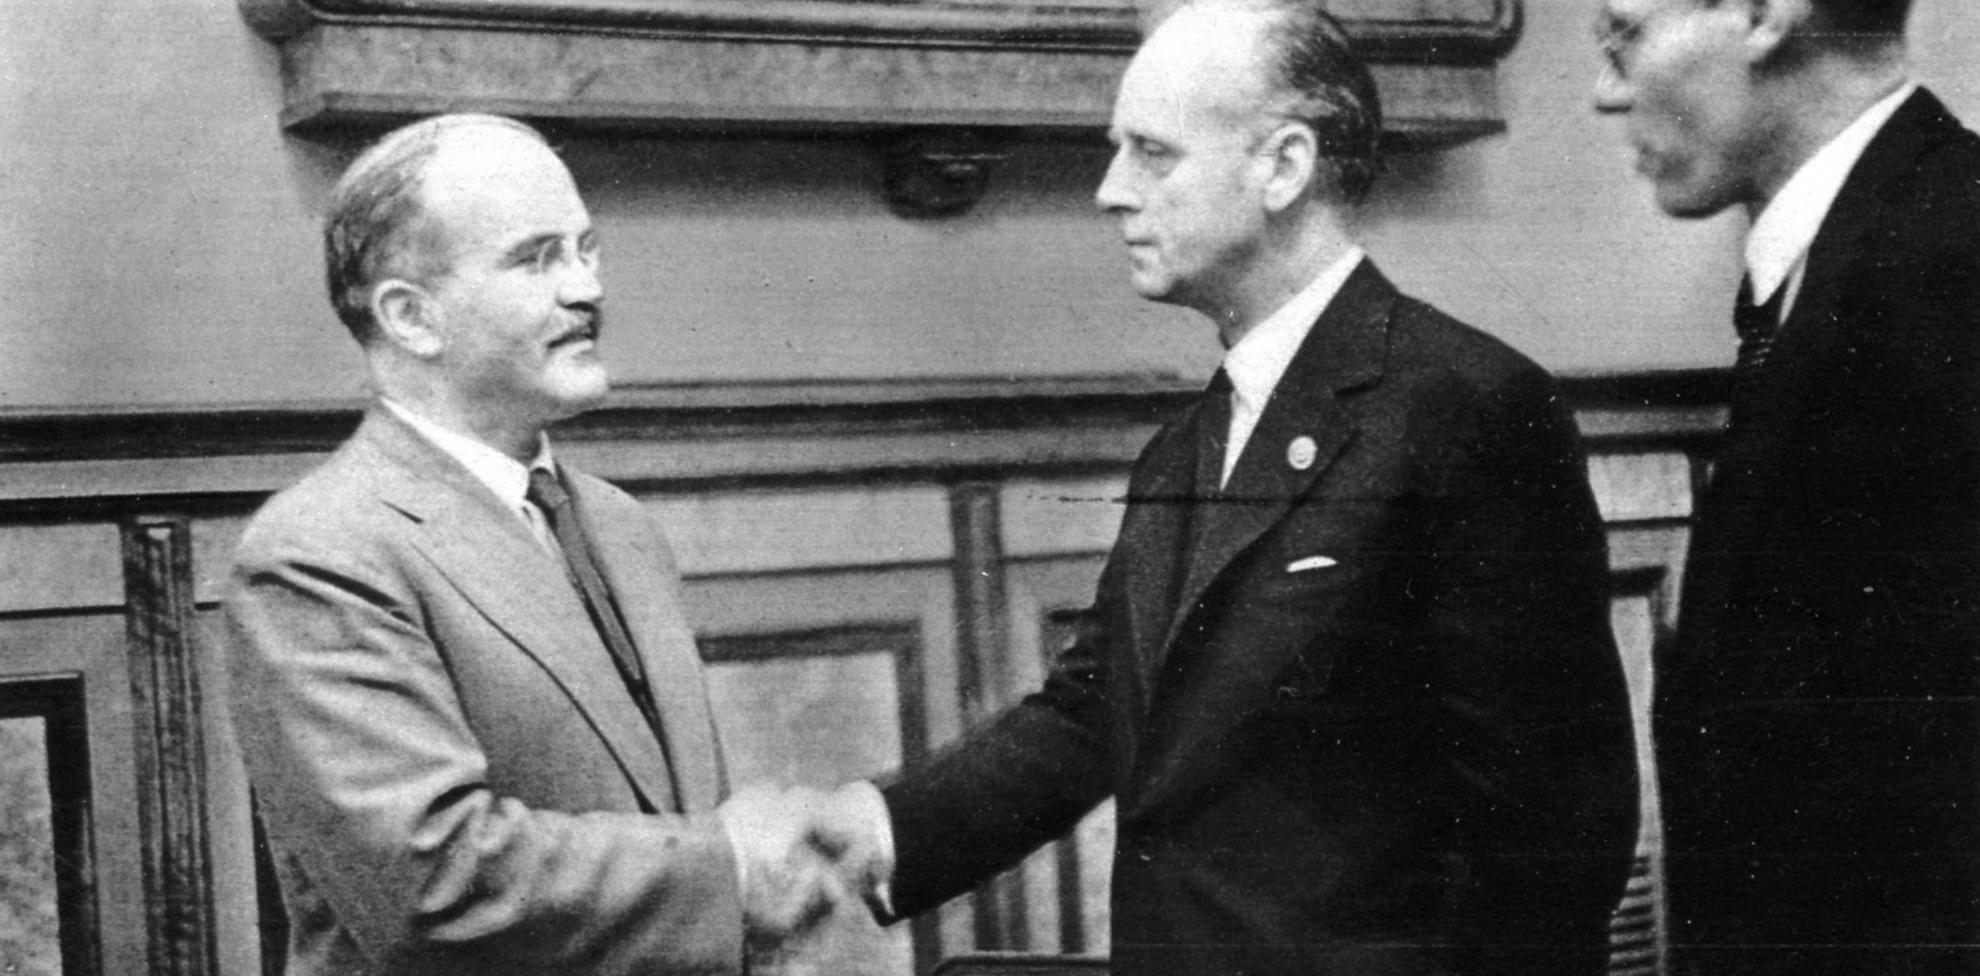 О пакте Молотова-Риббентропа и либеральных фальсификациях истории